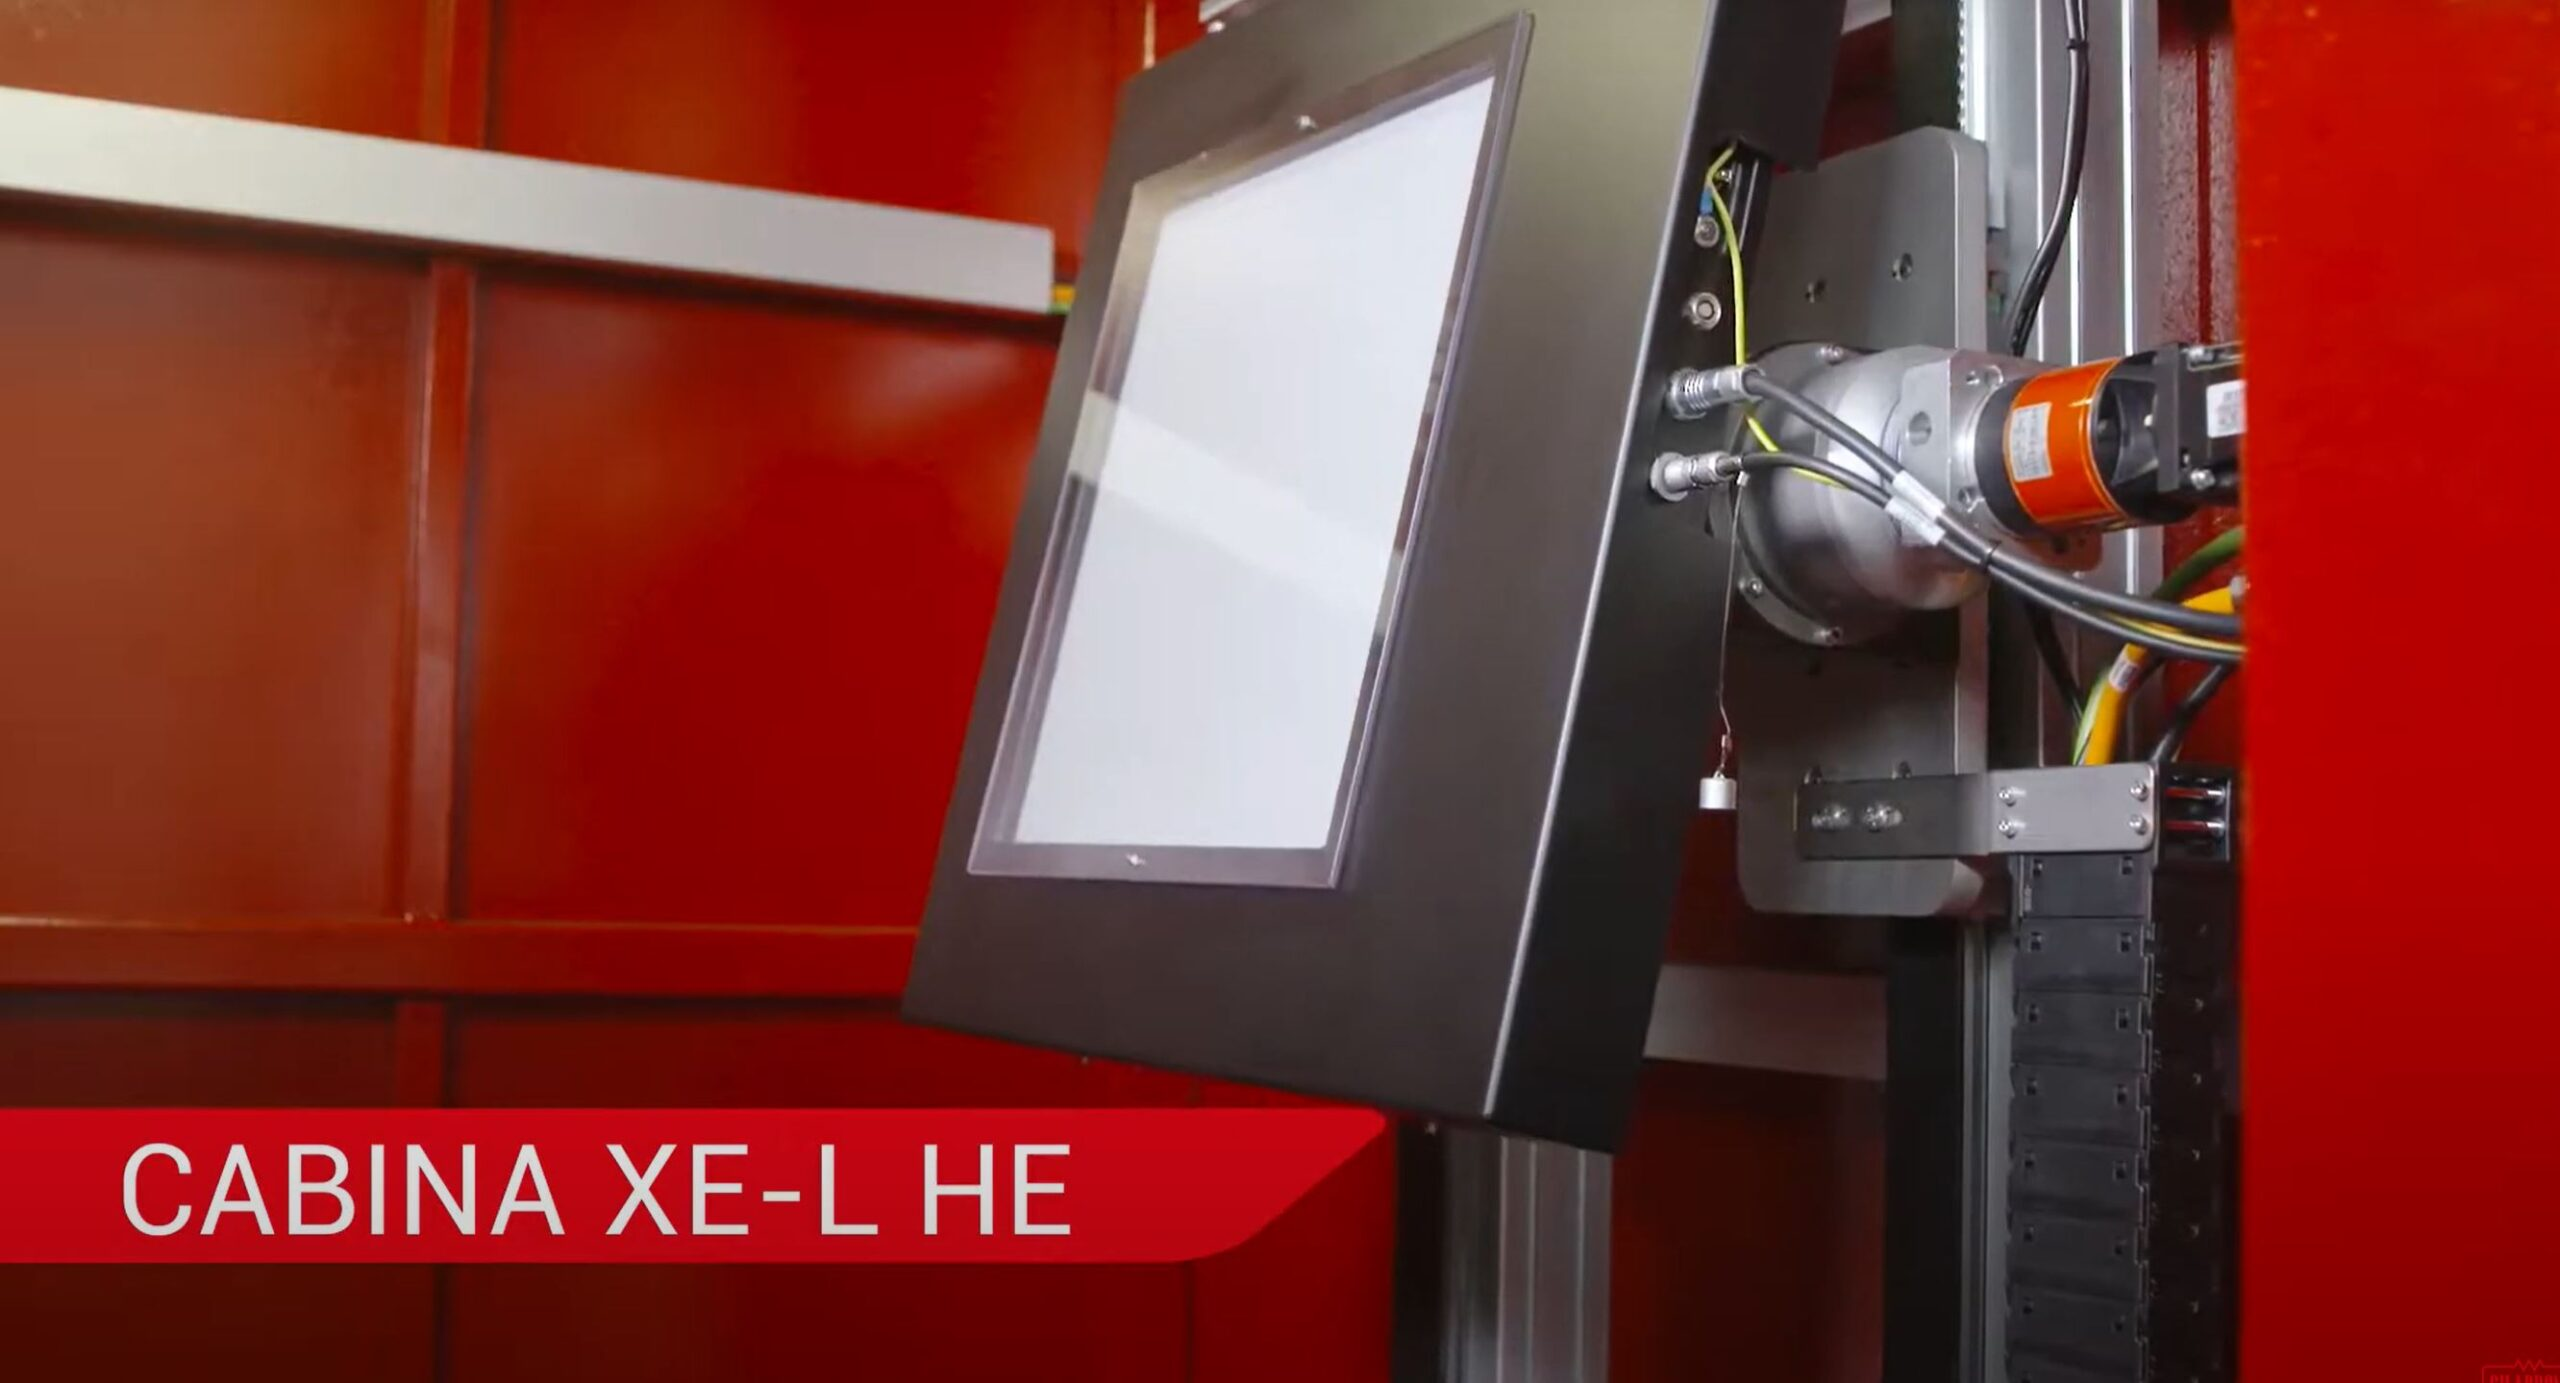 Un nuovo impianto per radioscopia e tomografia